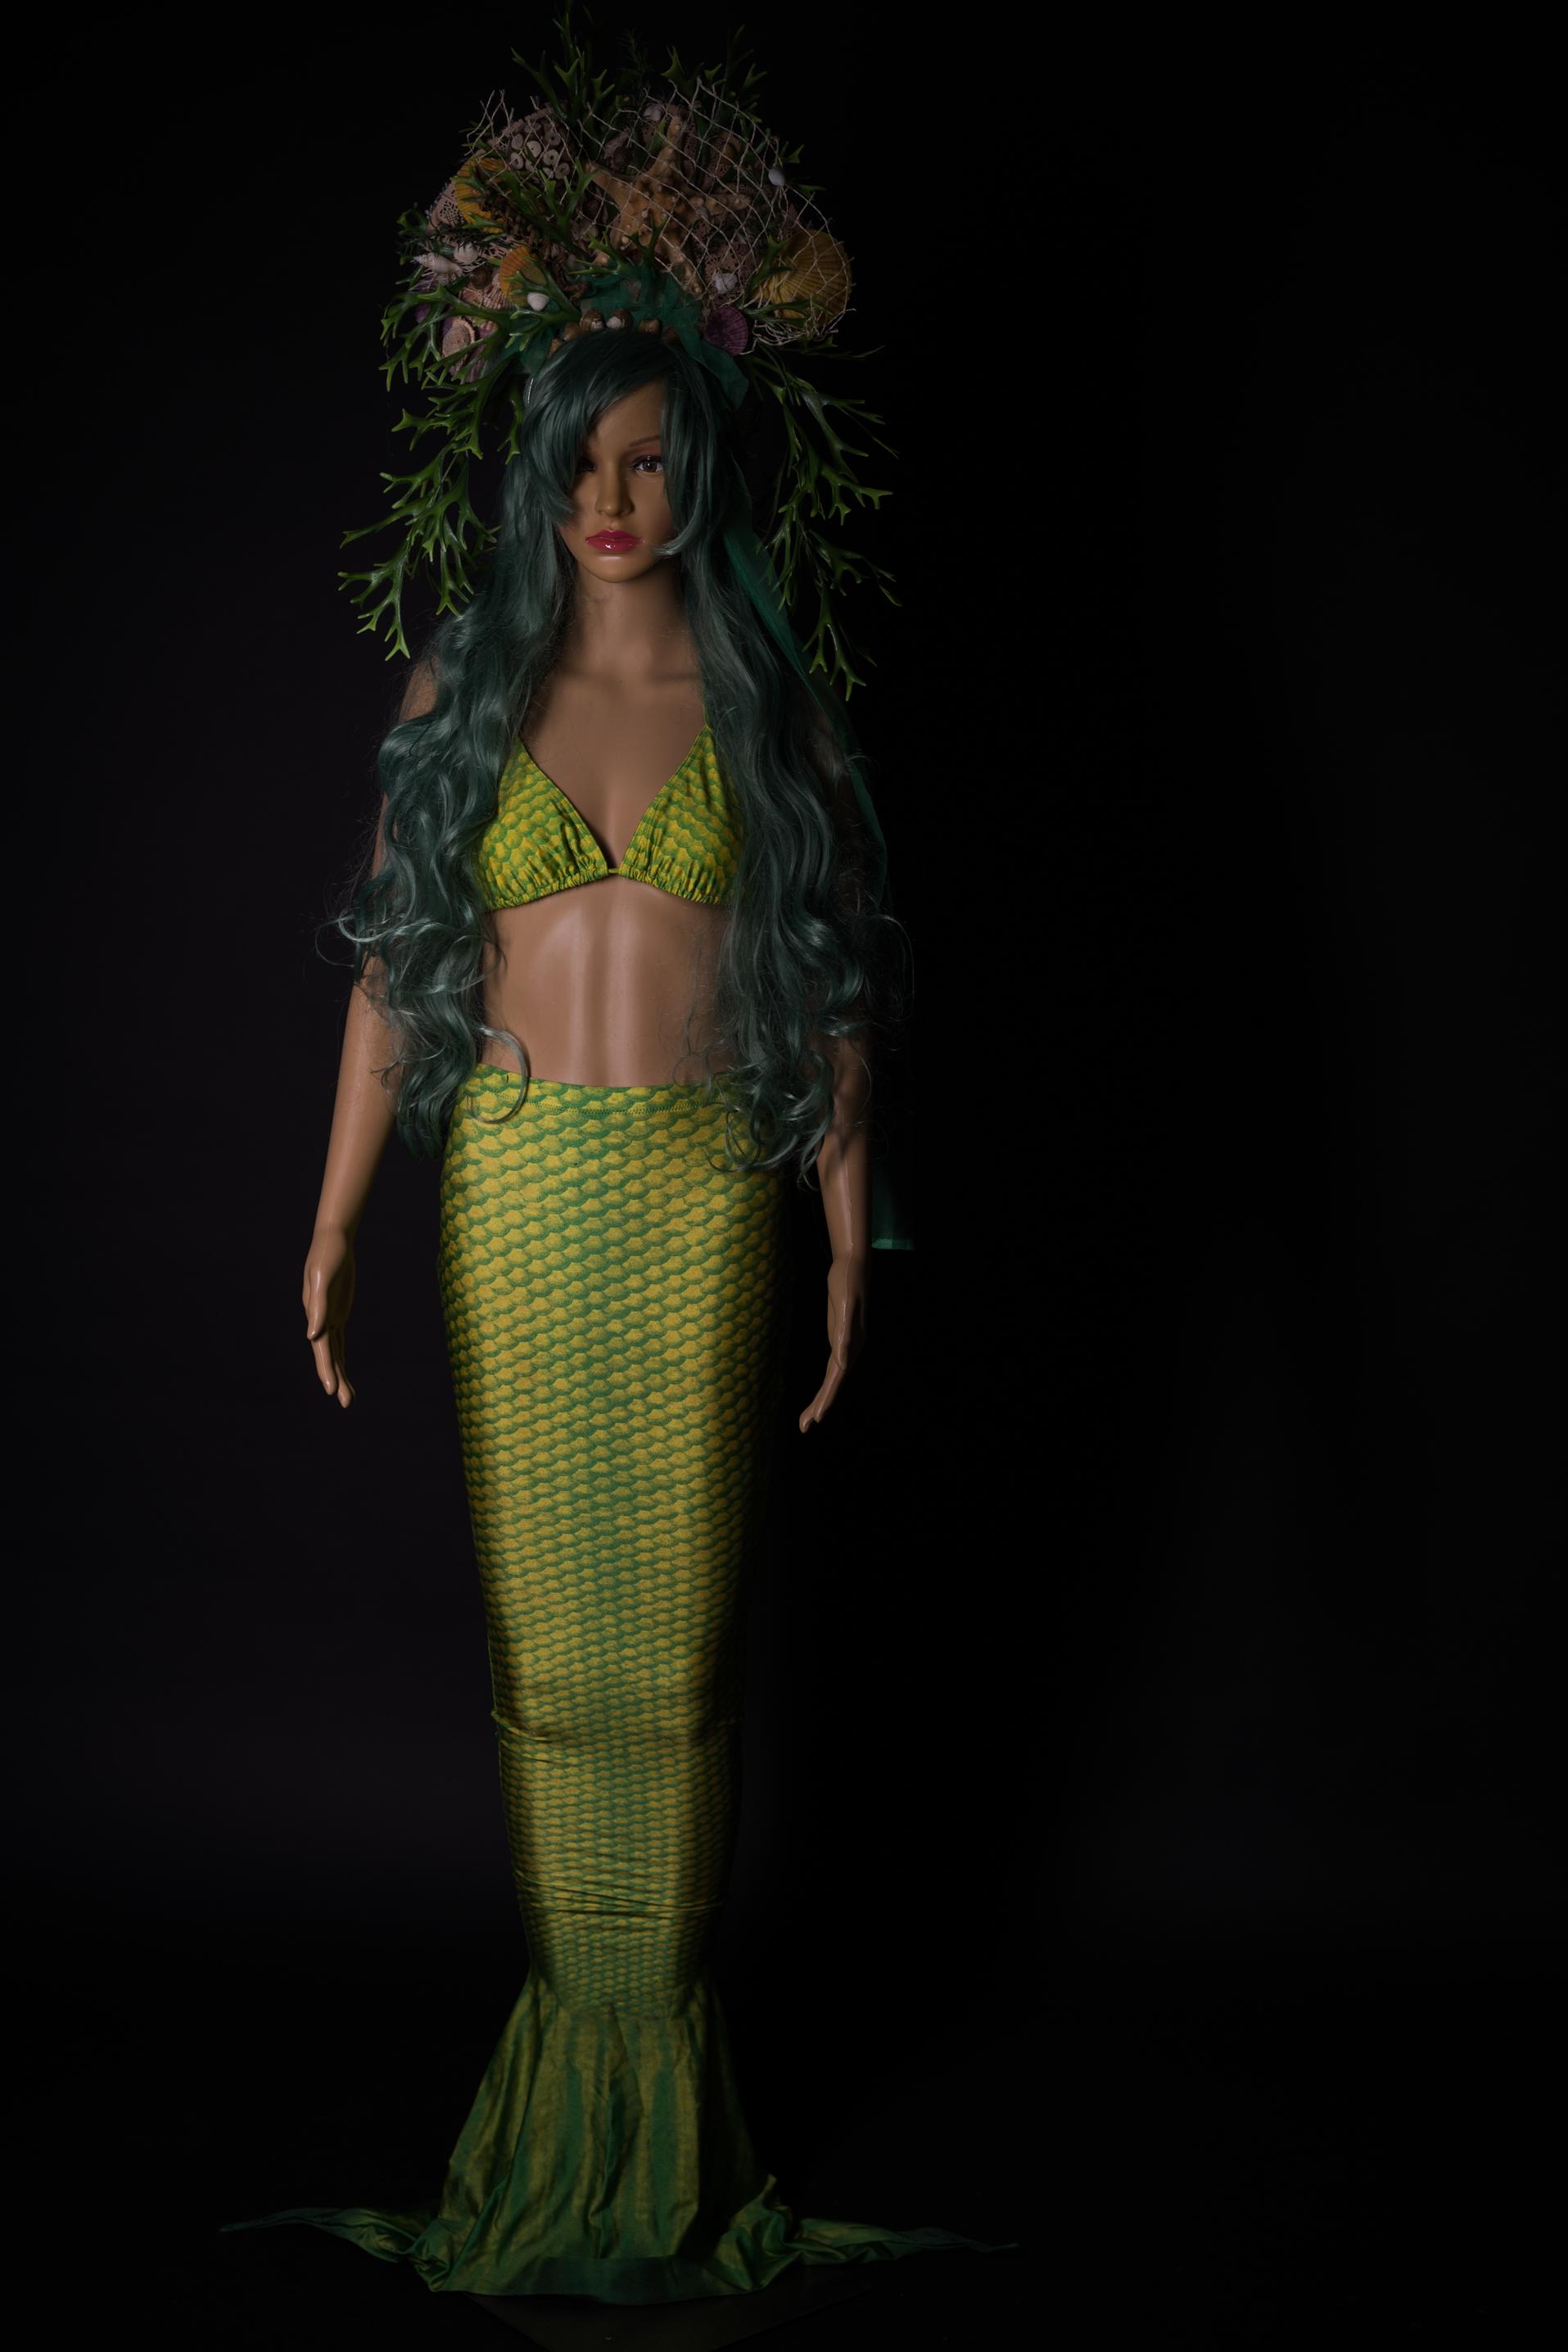 Grünes Mermaidkleid mit Flosse und pssenden Kopfschmuck